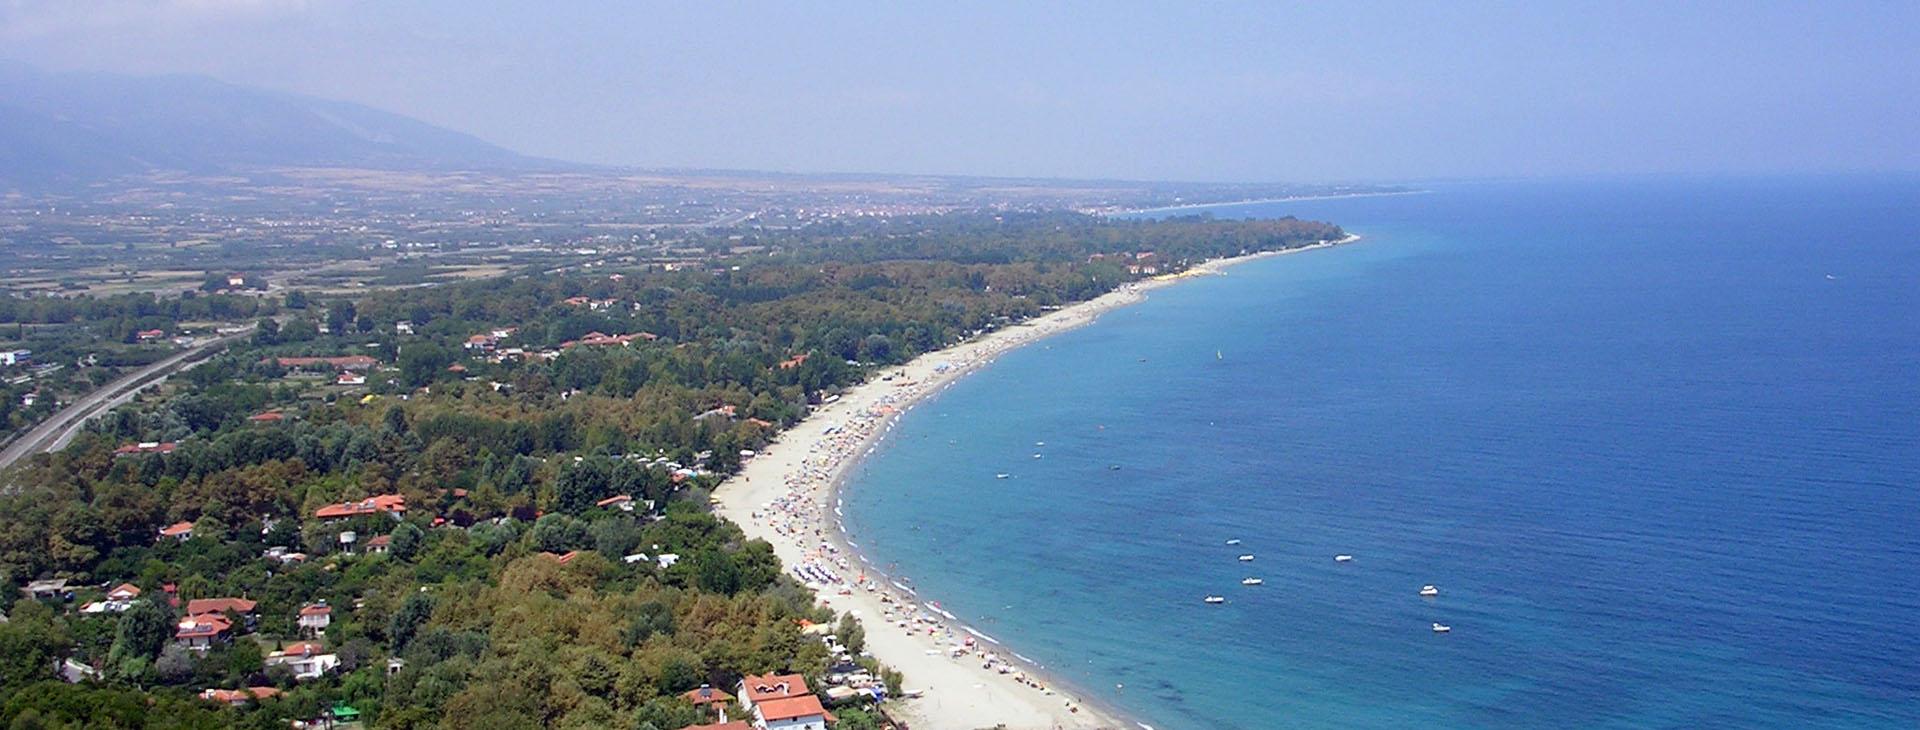 Scotina beach near Platamonas, Pieria